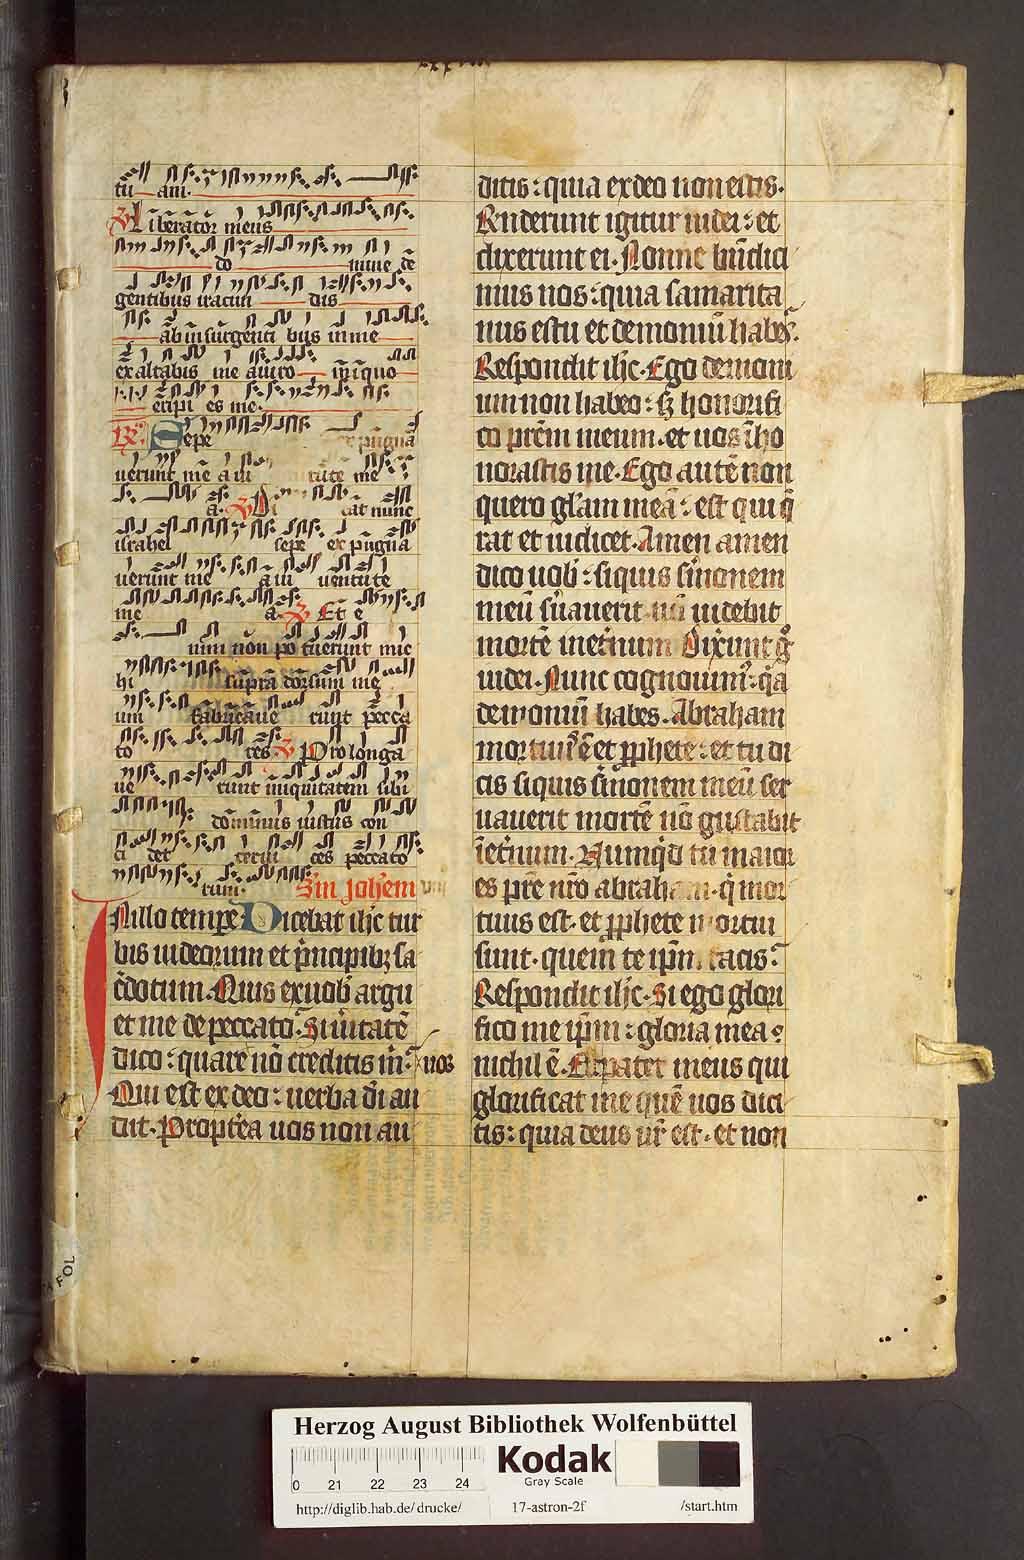 http://diglib.hab.de/drucke/17-astron-2f/00001.jpg